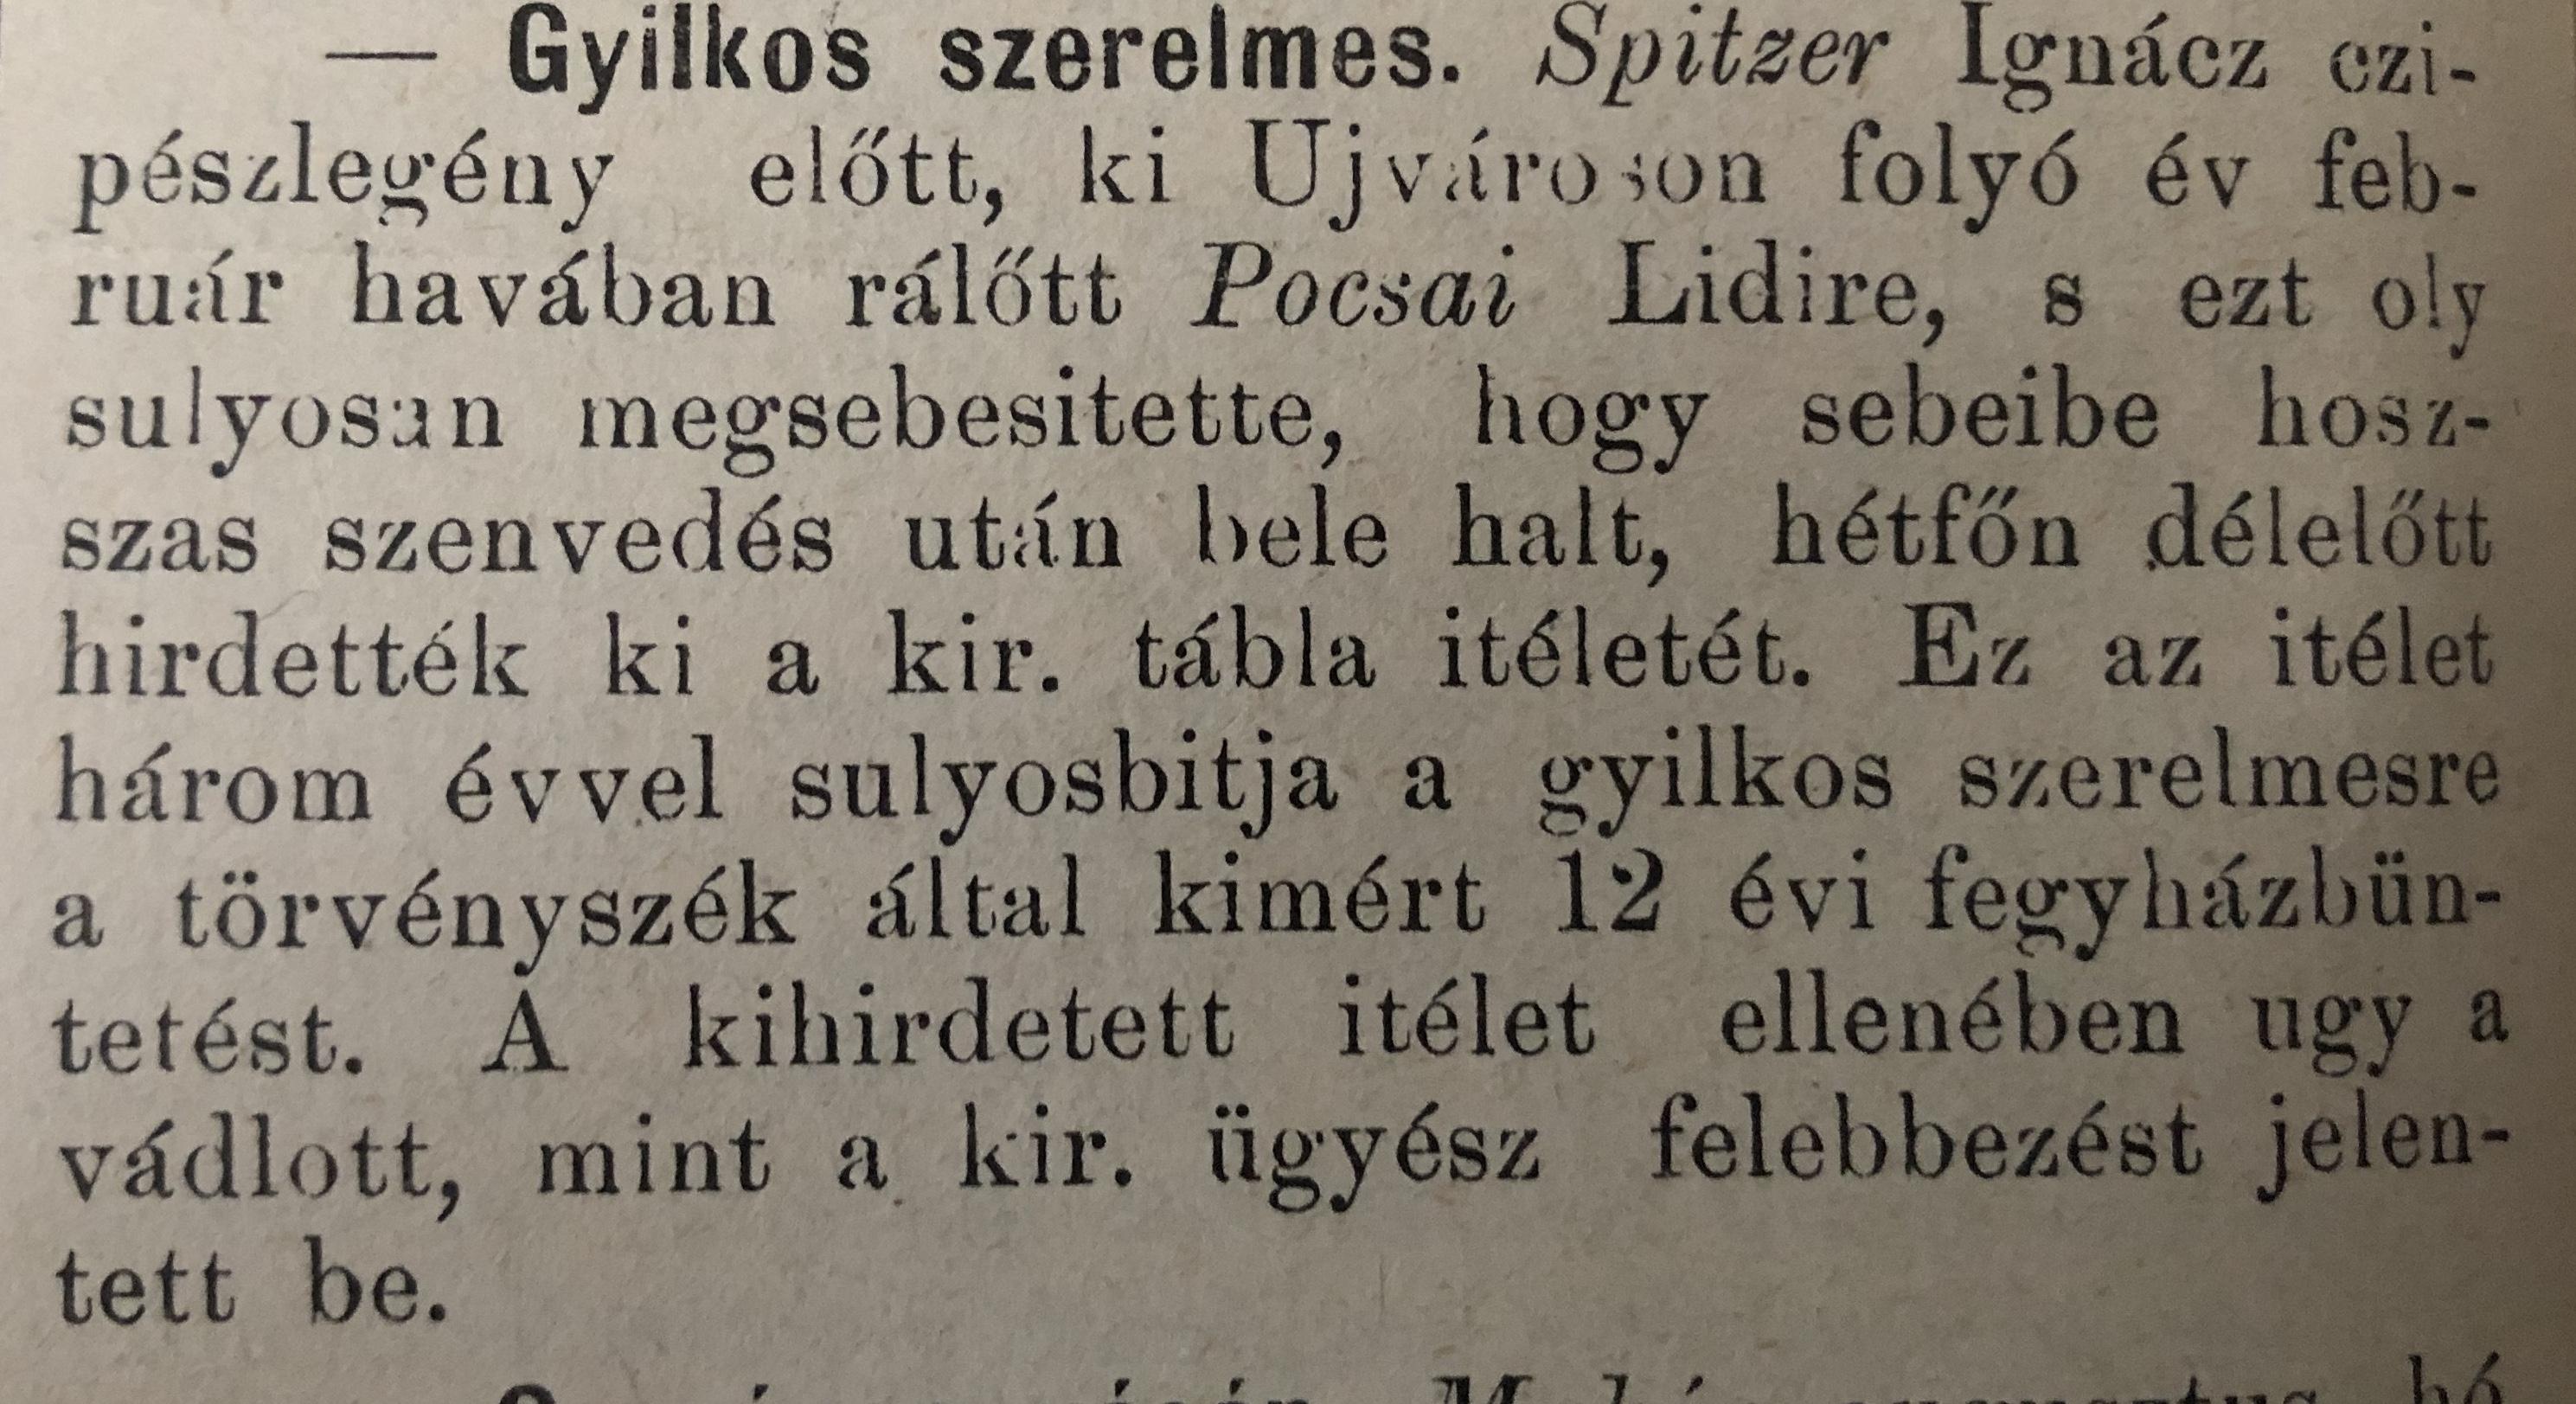 hod-mezo-vasarhely_1899_08_03.jpg